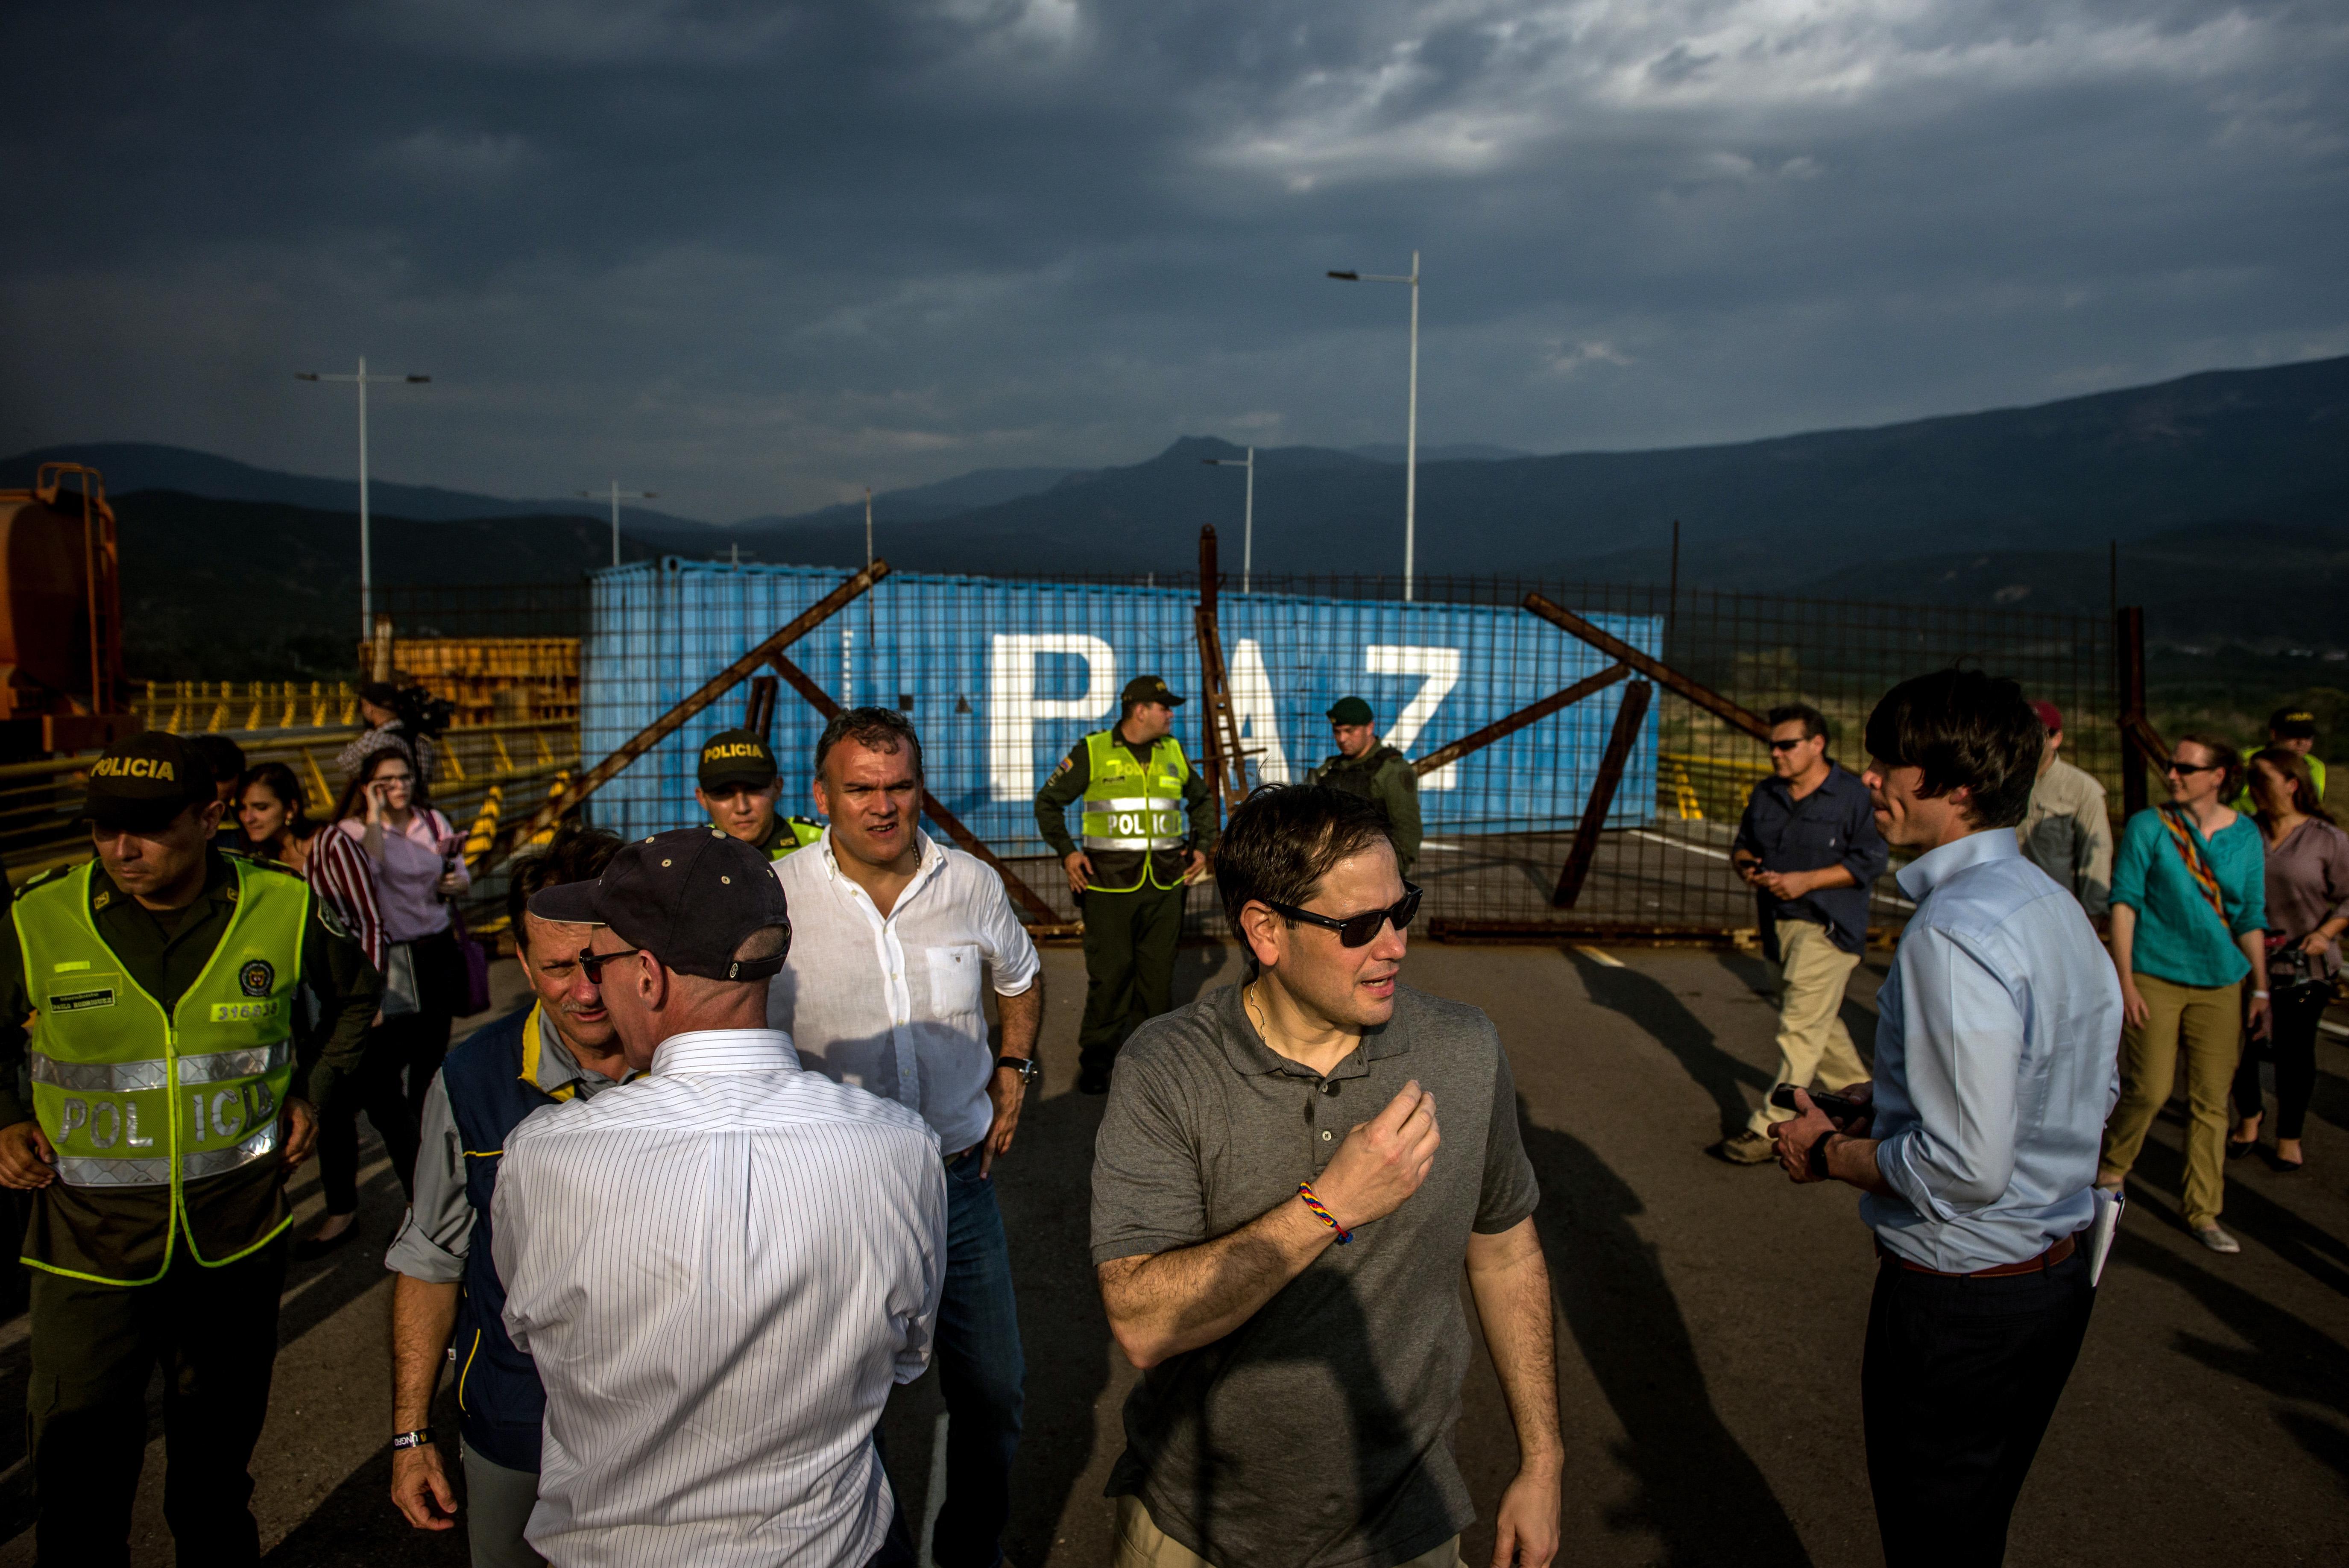 El senador estadounidense Marco Rubio visitó la zona por donde se espera que pase la ayuda humanitaria. (Meridith Kohut/The New York Times)